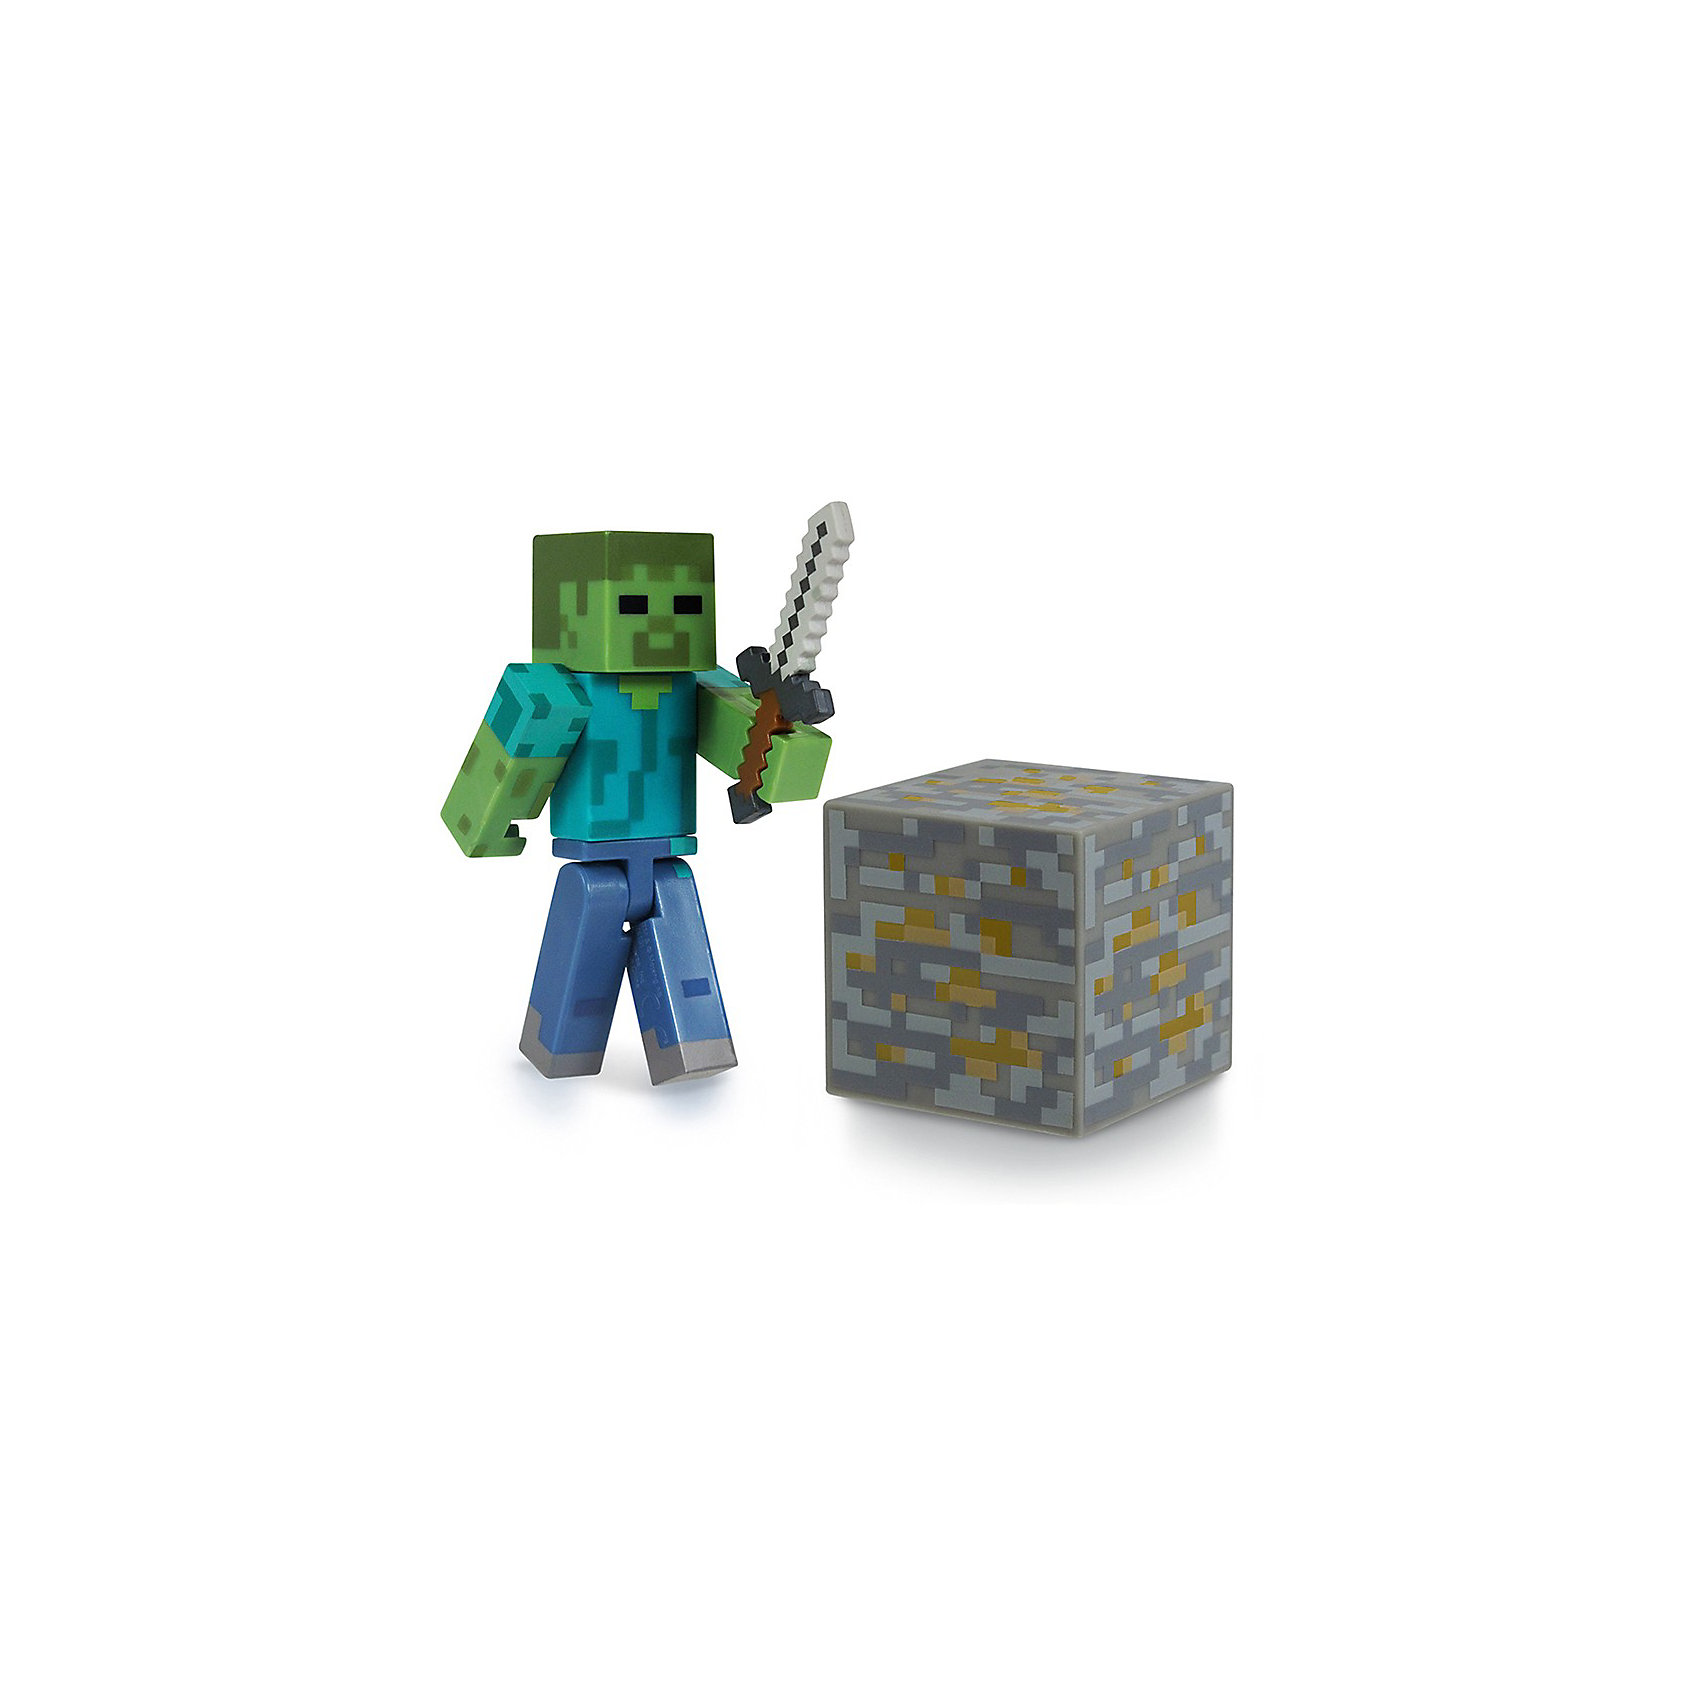 Фигурка Зомби, 8см, MinecraftЗомби с аксессуарами, 8 см, Minecraft (Майнкрафт) - фигурка из виртуального мира Minecraft. Игрушка изображает одного из противников, опасного персонажа, которого можно встретить в игре. В комплекте с игрушкой - фирменный, легкоузнаваемый меч,  блок- кубик. Фигурка выполнена из высококачественного материала. Собери всех участников игры и создай свой мир Minecraft.<br><br>Дополнительная информация:<br><br>- Цвет: синий, голубой, зеленый, серый<br>- Высота: 8 см<br>- Материал: пластик<br>- Подвижные руки, ноги и голова<br>- Комплектация: фигурка, меч, блок-кубик<br><br>Зомби с аксессуарами, 8 см, Minecraft (Майнкрафт) можно купить в нашем магазине.<br><br>Ширина мм: 177<br>Глубина мм: 147<br>Высота мм: 50<br>Вес г: 68<br>Возраст от месяцев: 36<br>Возраст до месяцев: 96<br>Пол: Мужской<br>Возраст: Детский<br>SKU: 3712317